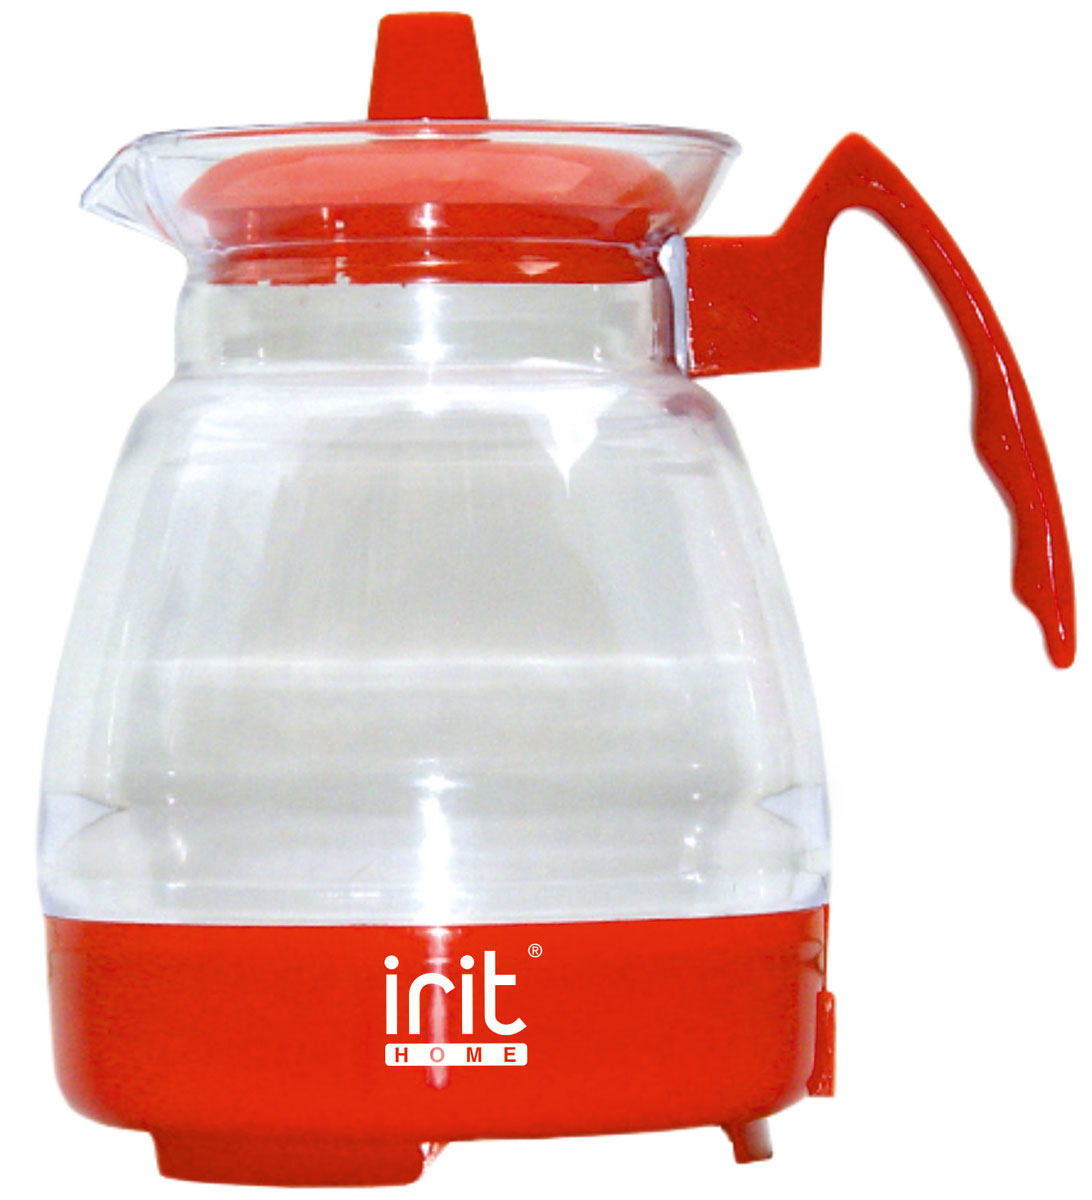 Irit IR-1123 электрический чайник79 02591Электрический чайник Irit IR-1123 прост в управлении и долговечен в использовании. Корпус изготовлен из термостойкого пластика. Мощность 600 Вт быстро вскипятит 1,2 литра воды.